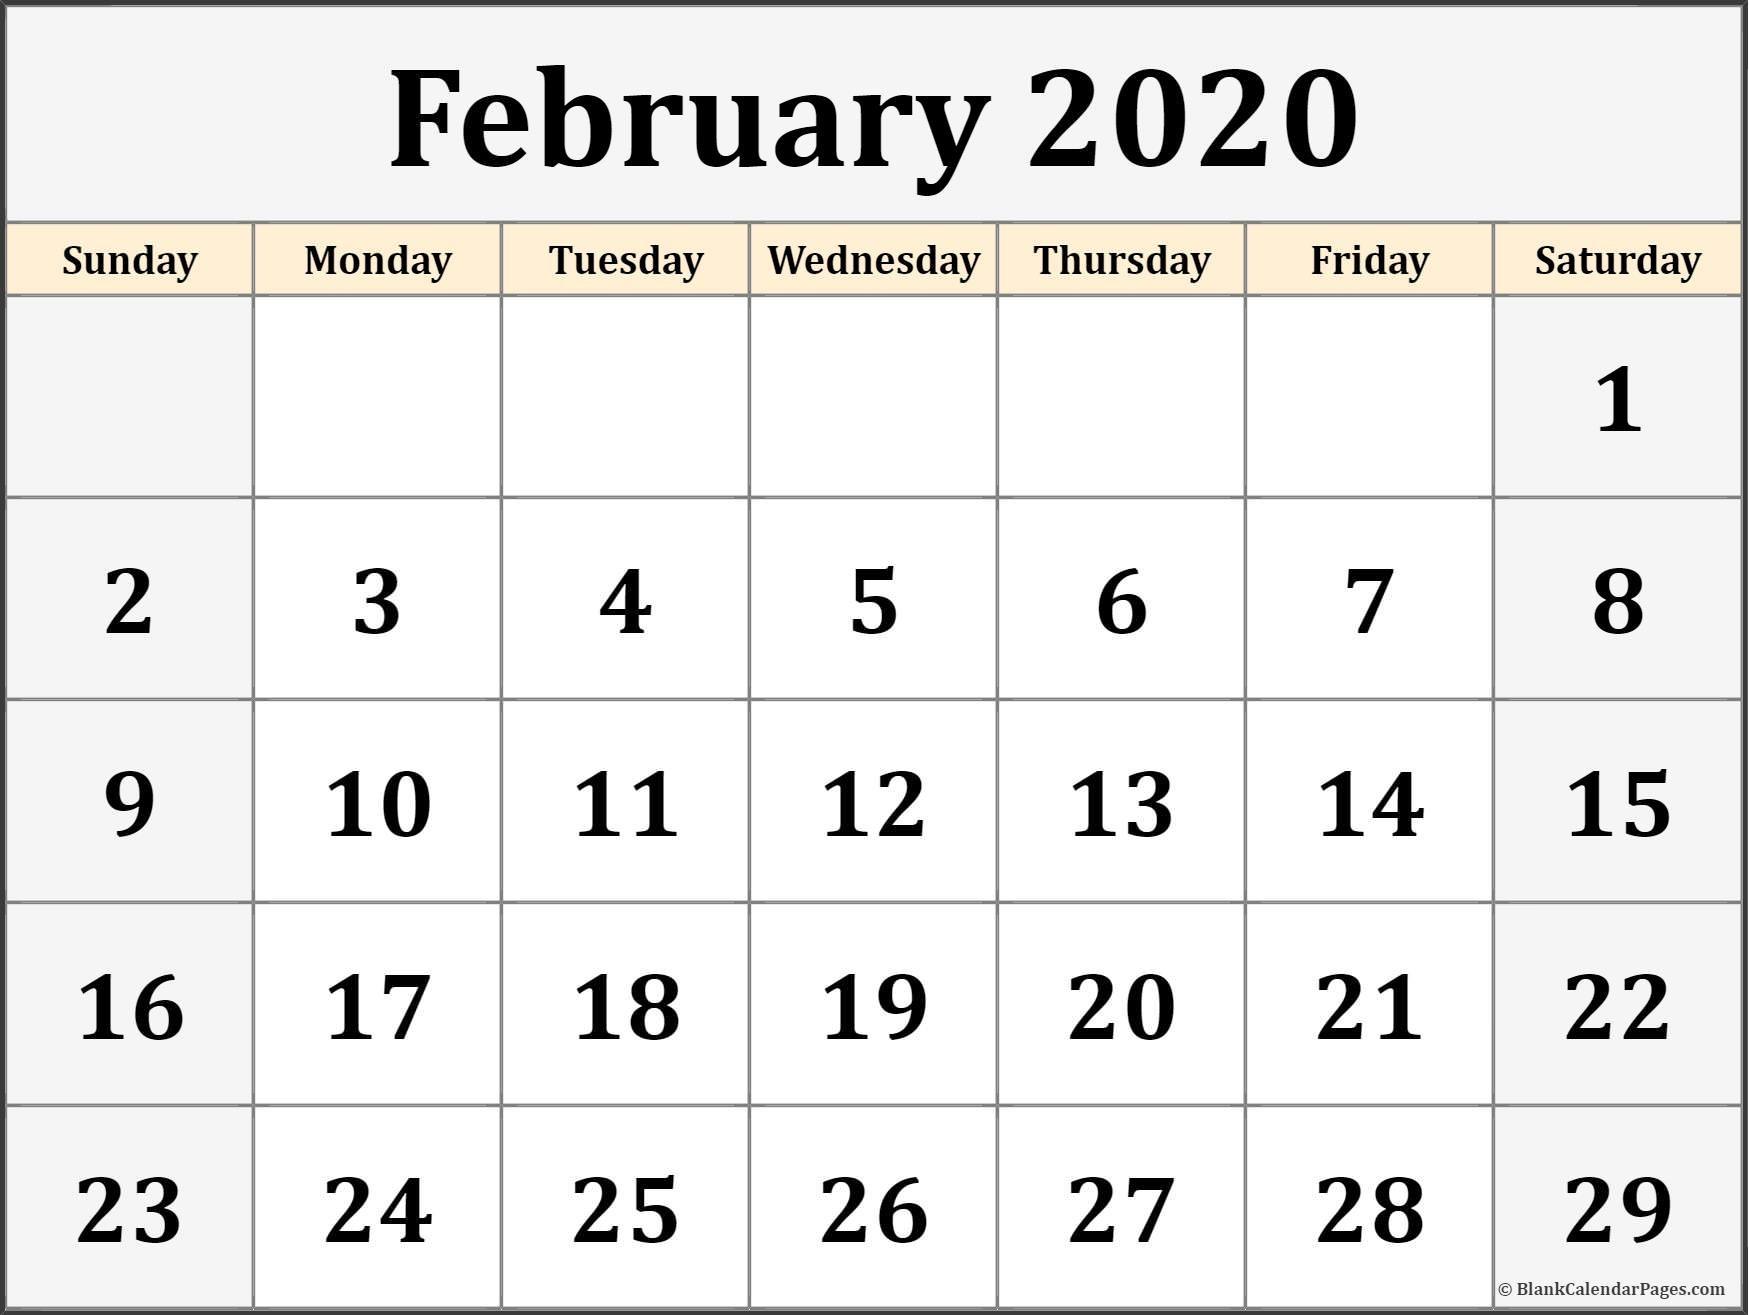 February 2020 Calendar Printable February 2020 Calendar